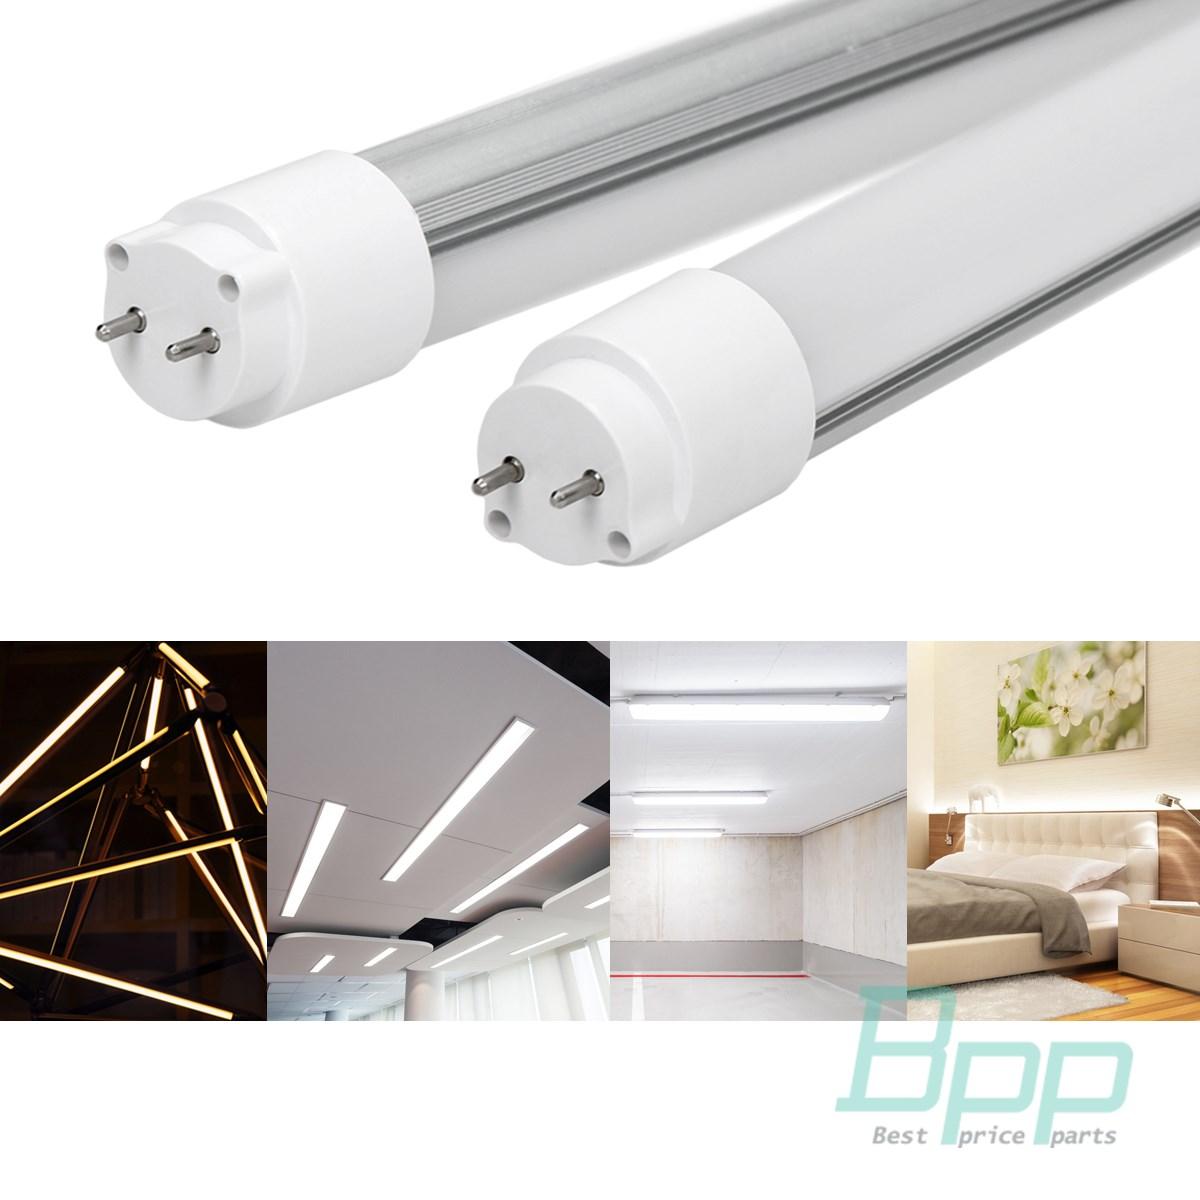 t8 g13 smd led tube r hre leuchtstoffr hre r hrenlampe 60 cm 90 cm 120 cm 150 cm ebay. Black Bedroom Furniture Sets. Home Design Ideas